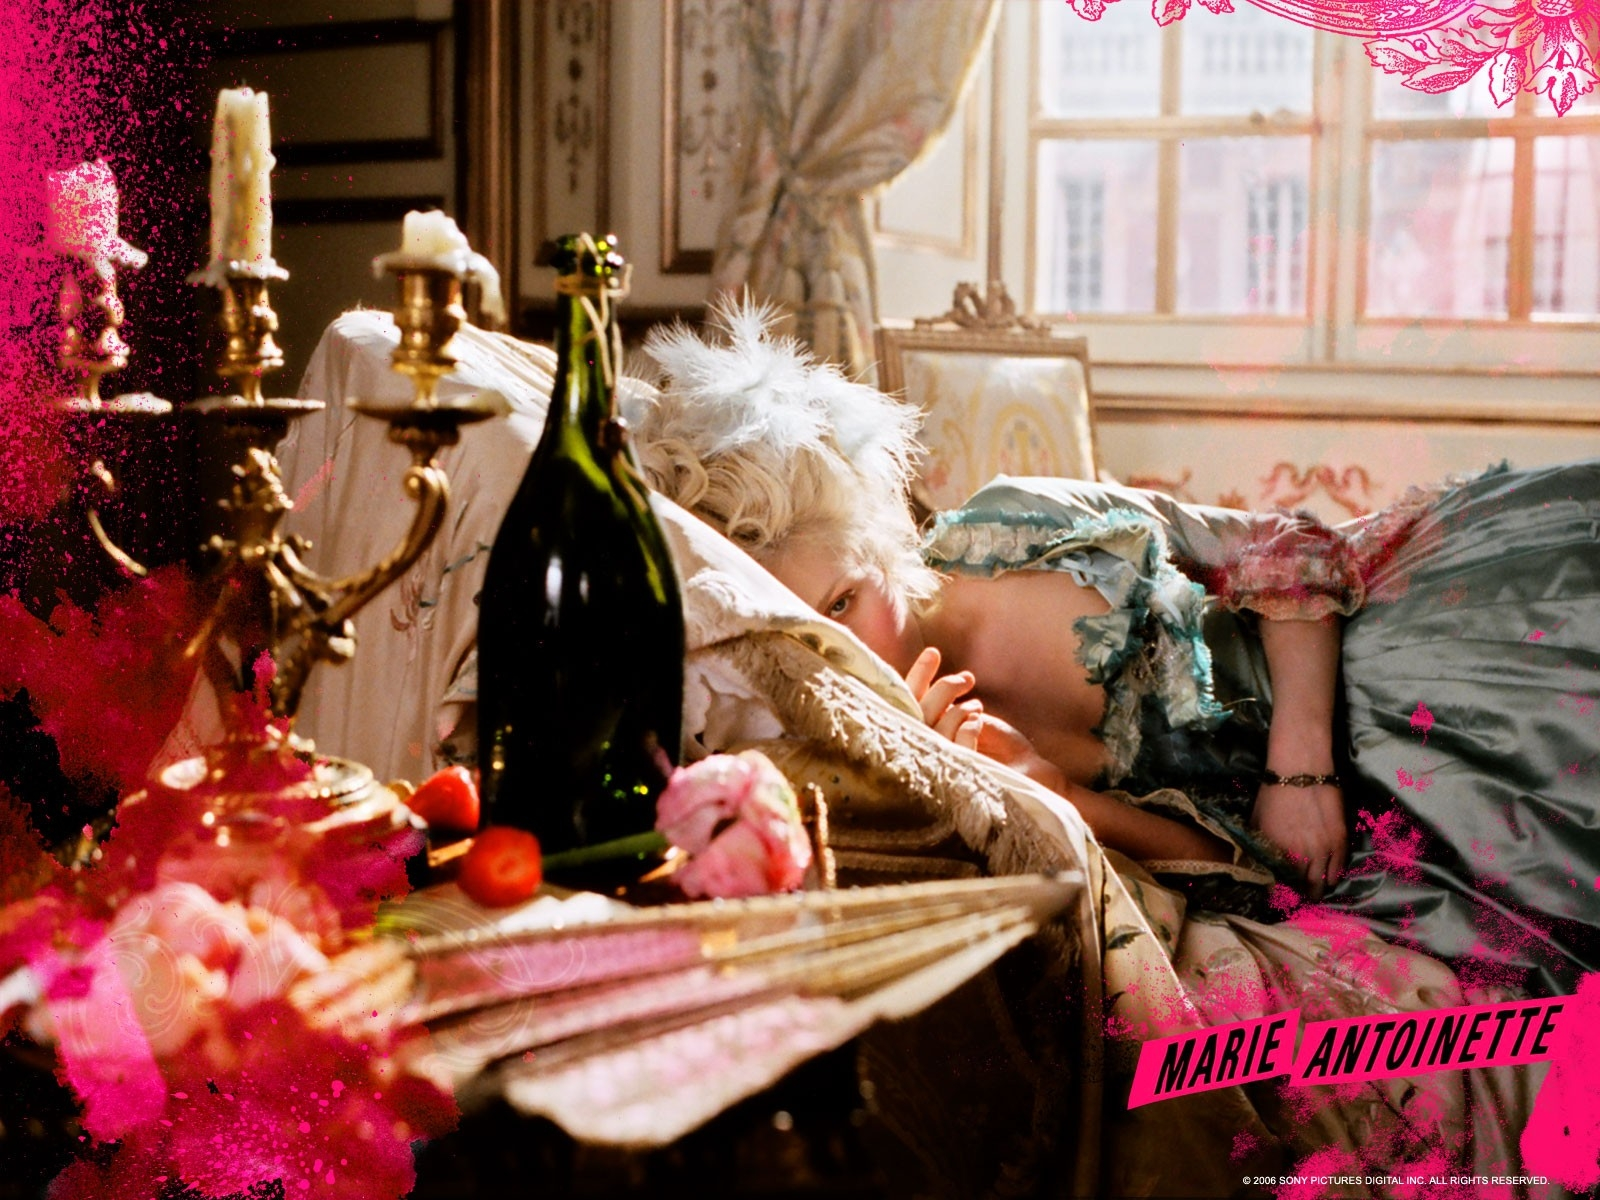 Wallpaper del film Marie Antoinette di Sofia Coppola